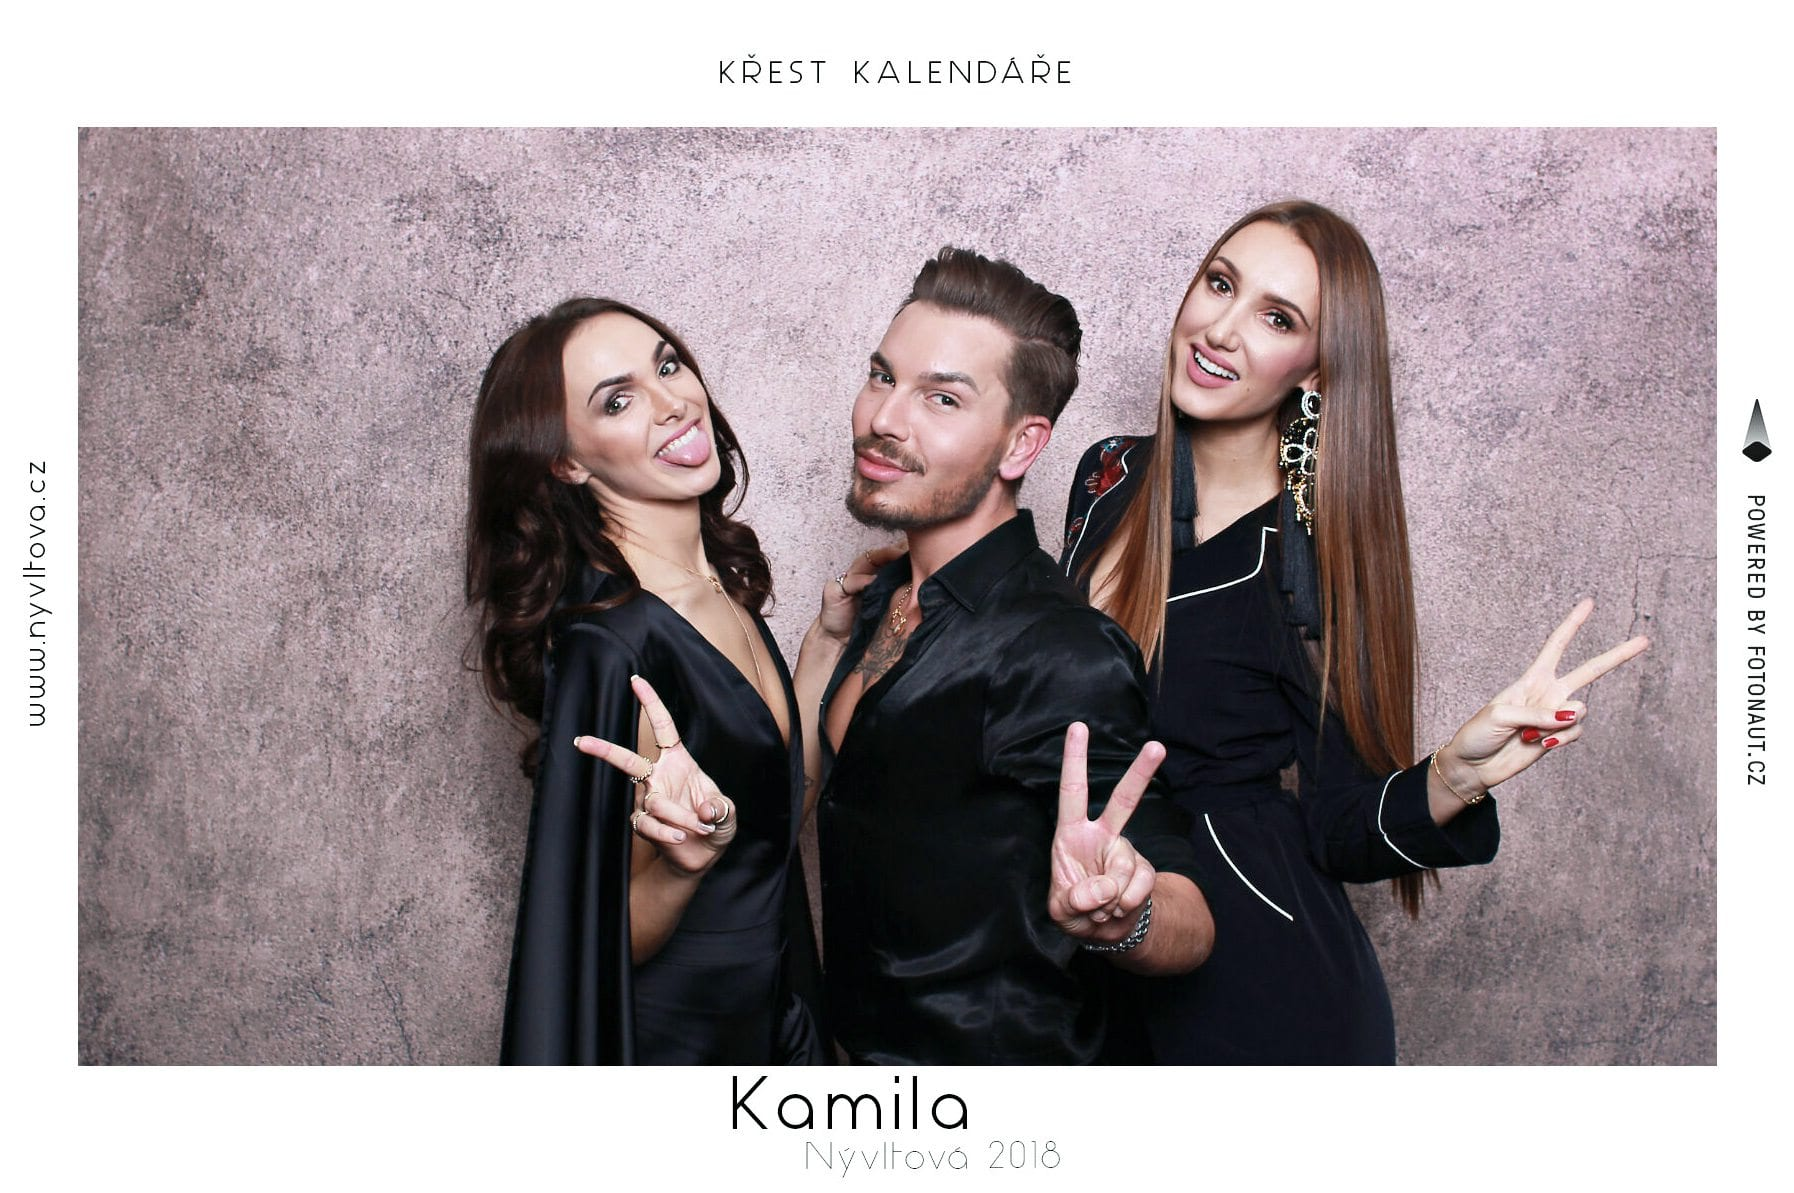 fotokoutek-kamila-nyvltova-31-10-2017-333129